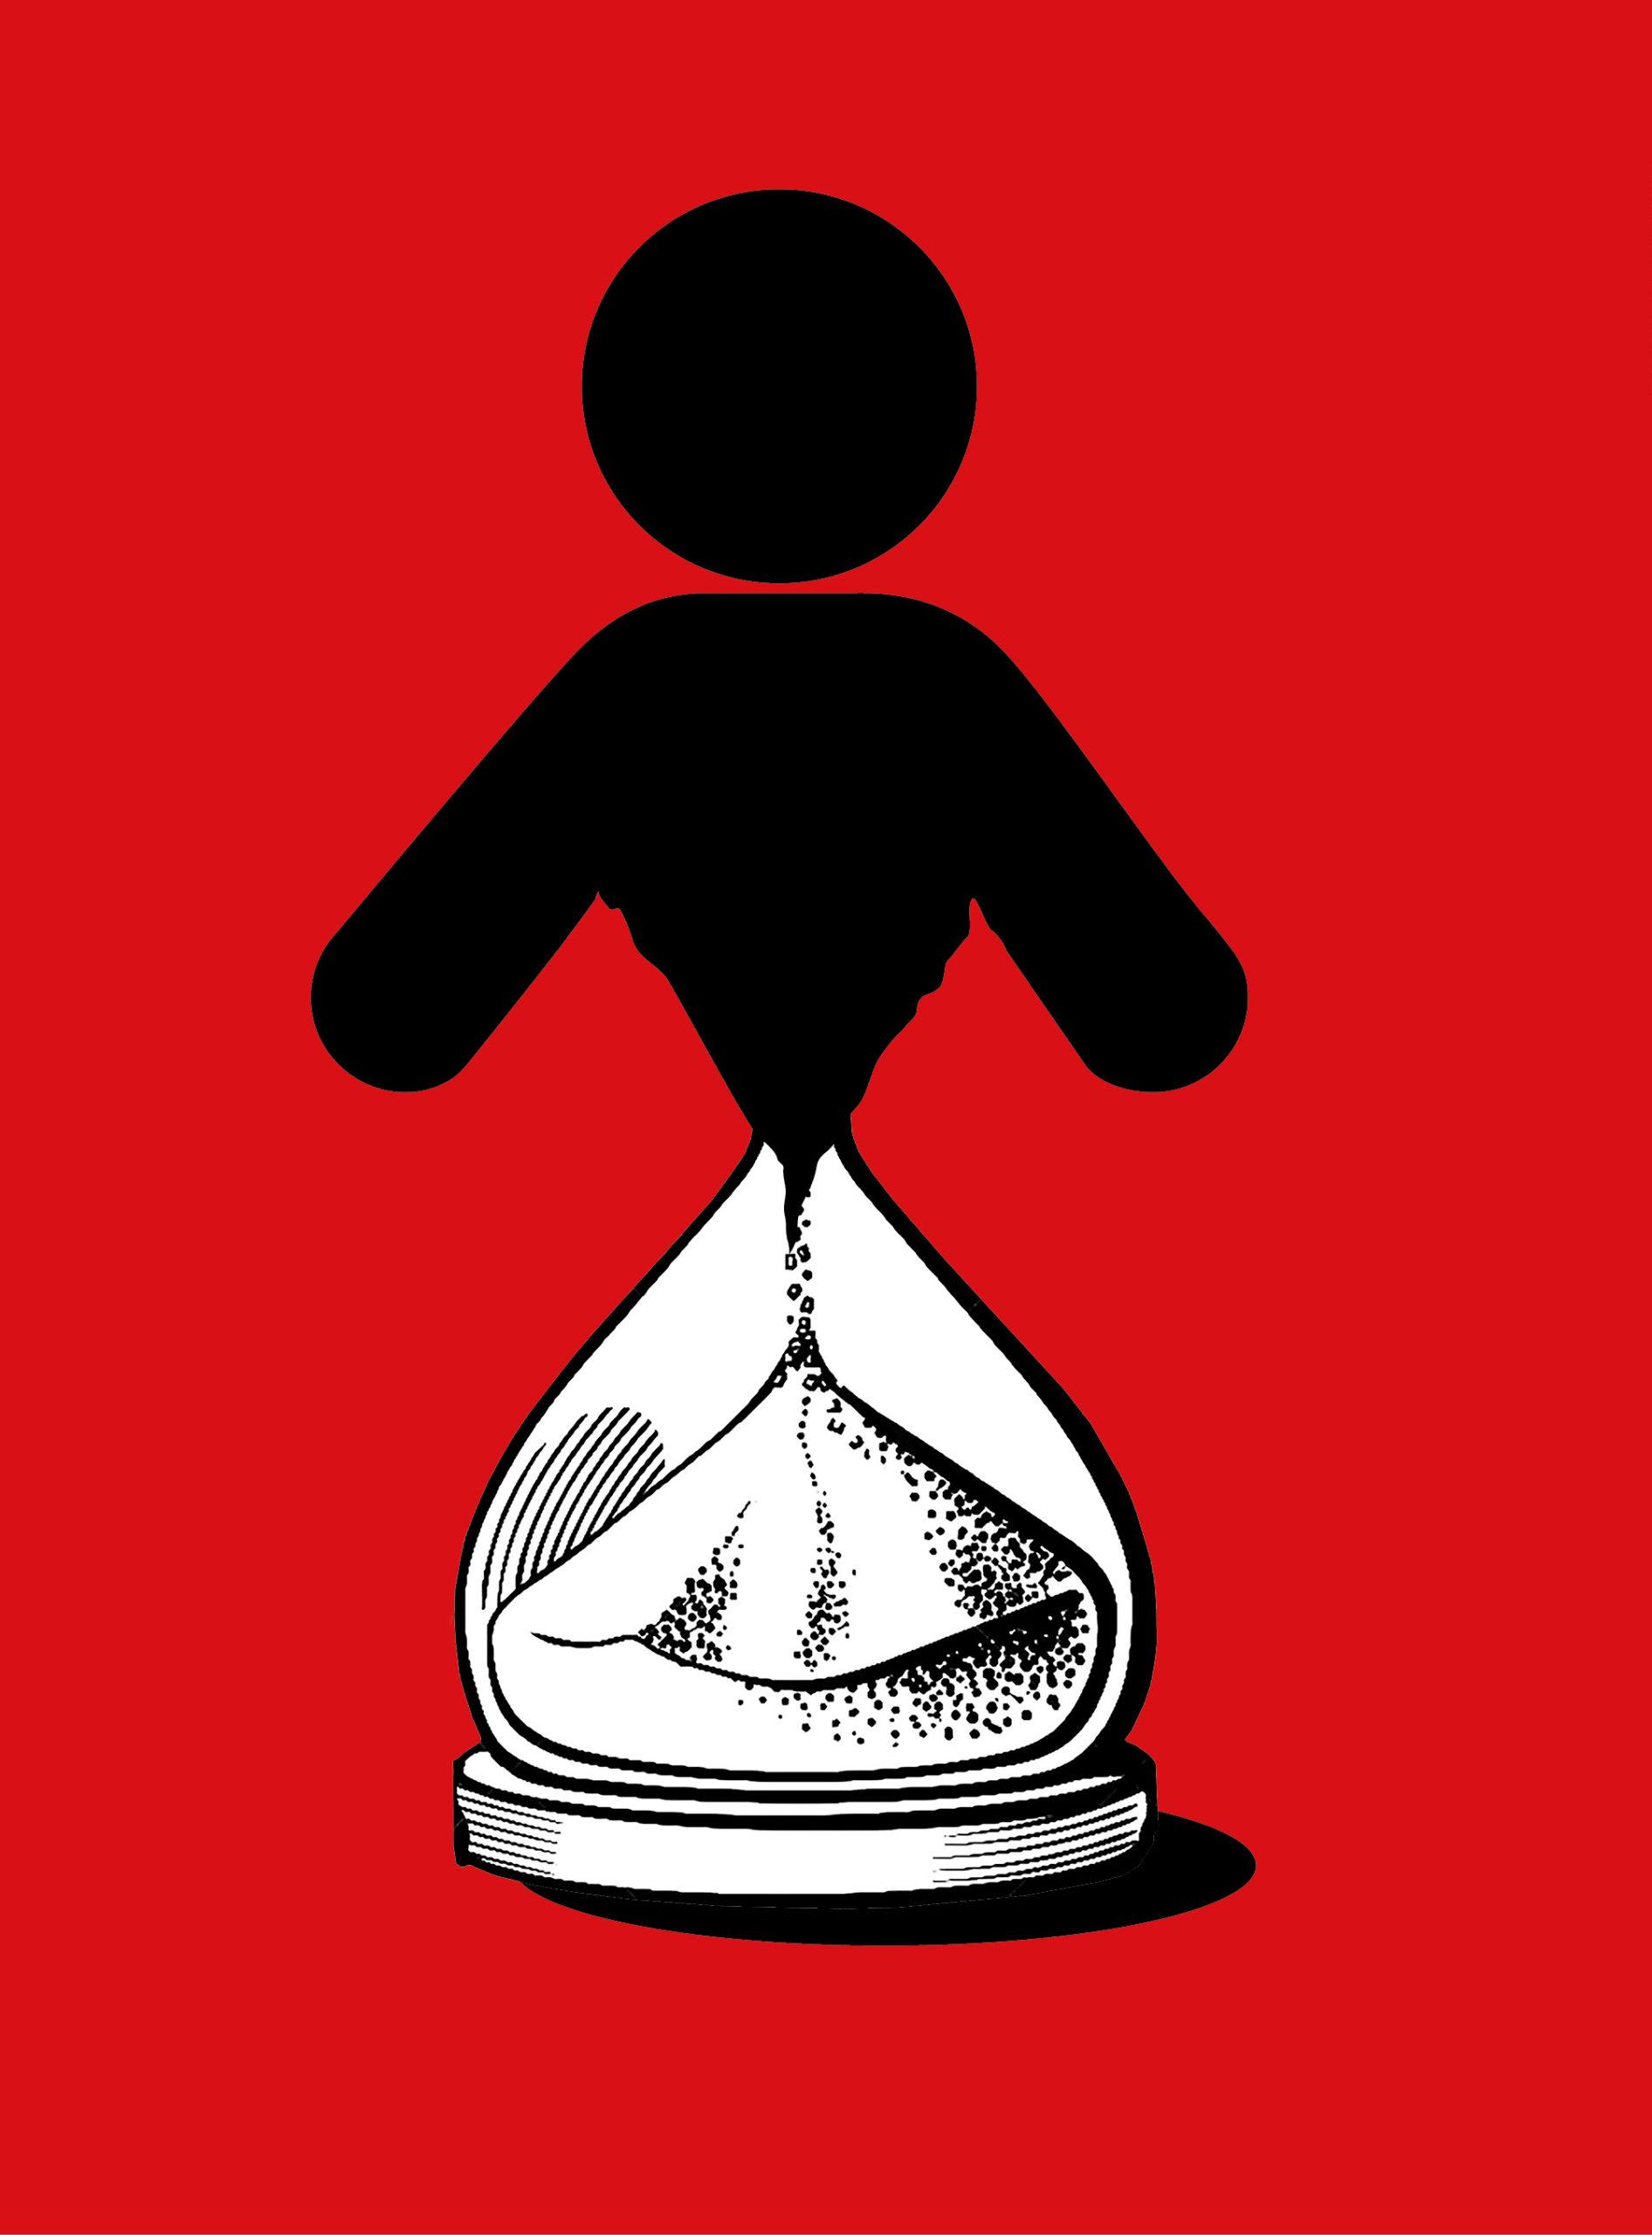 6021, 6021, 3 Que le temps passe, 3-que-le-temps-passe-scaled.jpg, 200236, https://philomonaco.com/wp-content/uploads/2019/09/3-que-le-temps-passe-scaled.jpg, https://philomonaco.com/atelier/lirreversible-et-la-nostalgie/3-que-le-temps-passe-2/, , 2, , , 3-que-le-temps-passe-2, inherit, 6015, 2019-09-19 09:53:55, 2019-09-19 09:53:55, 0, image/jpeg, image, jpeg, https://philomonaco.com/wp-includes/images/media/default.png, 2008, 2717, Array